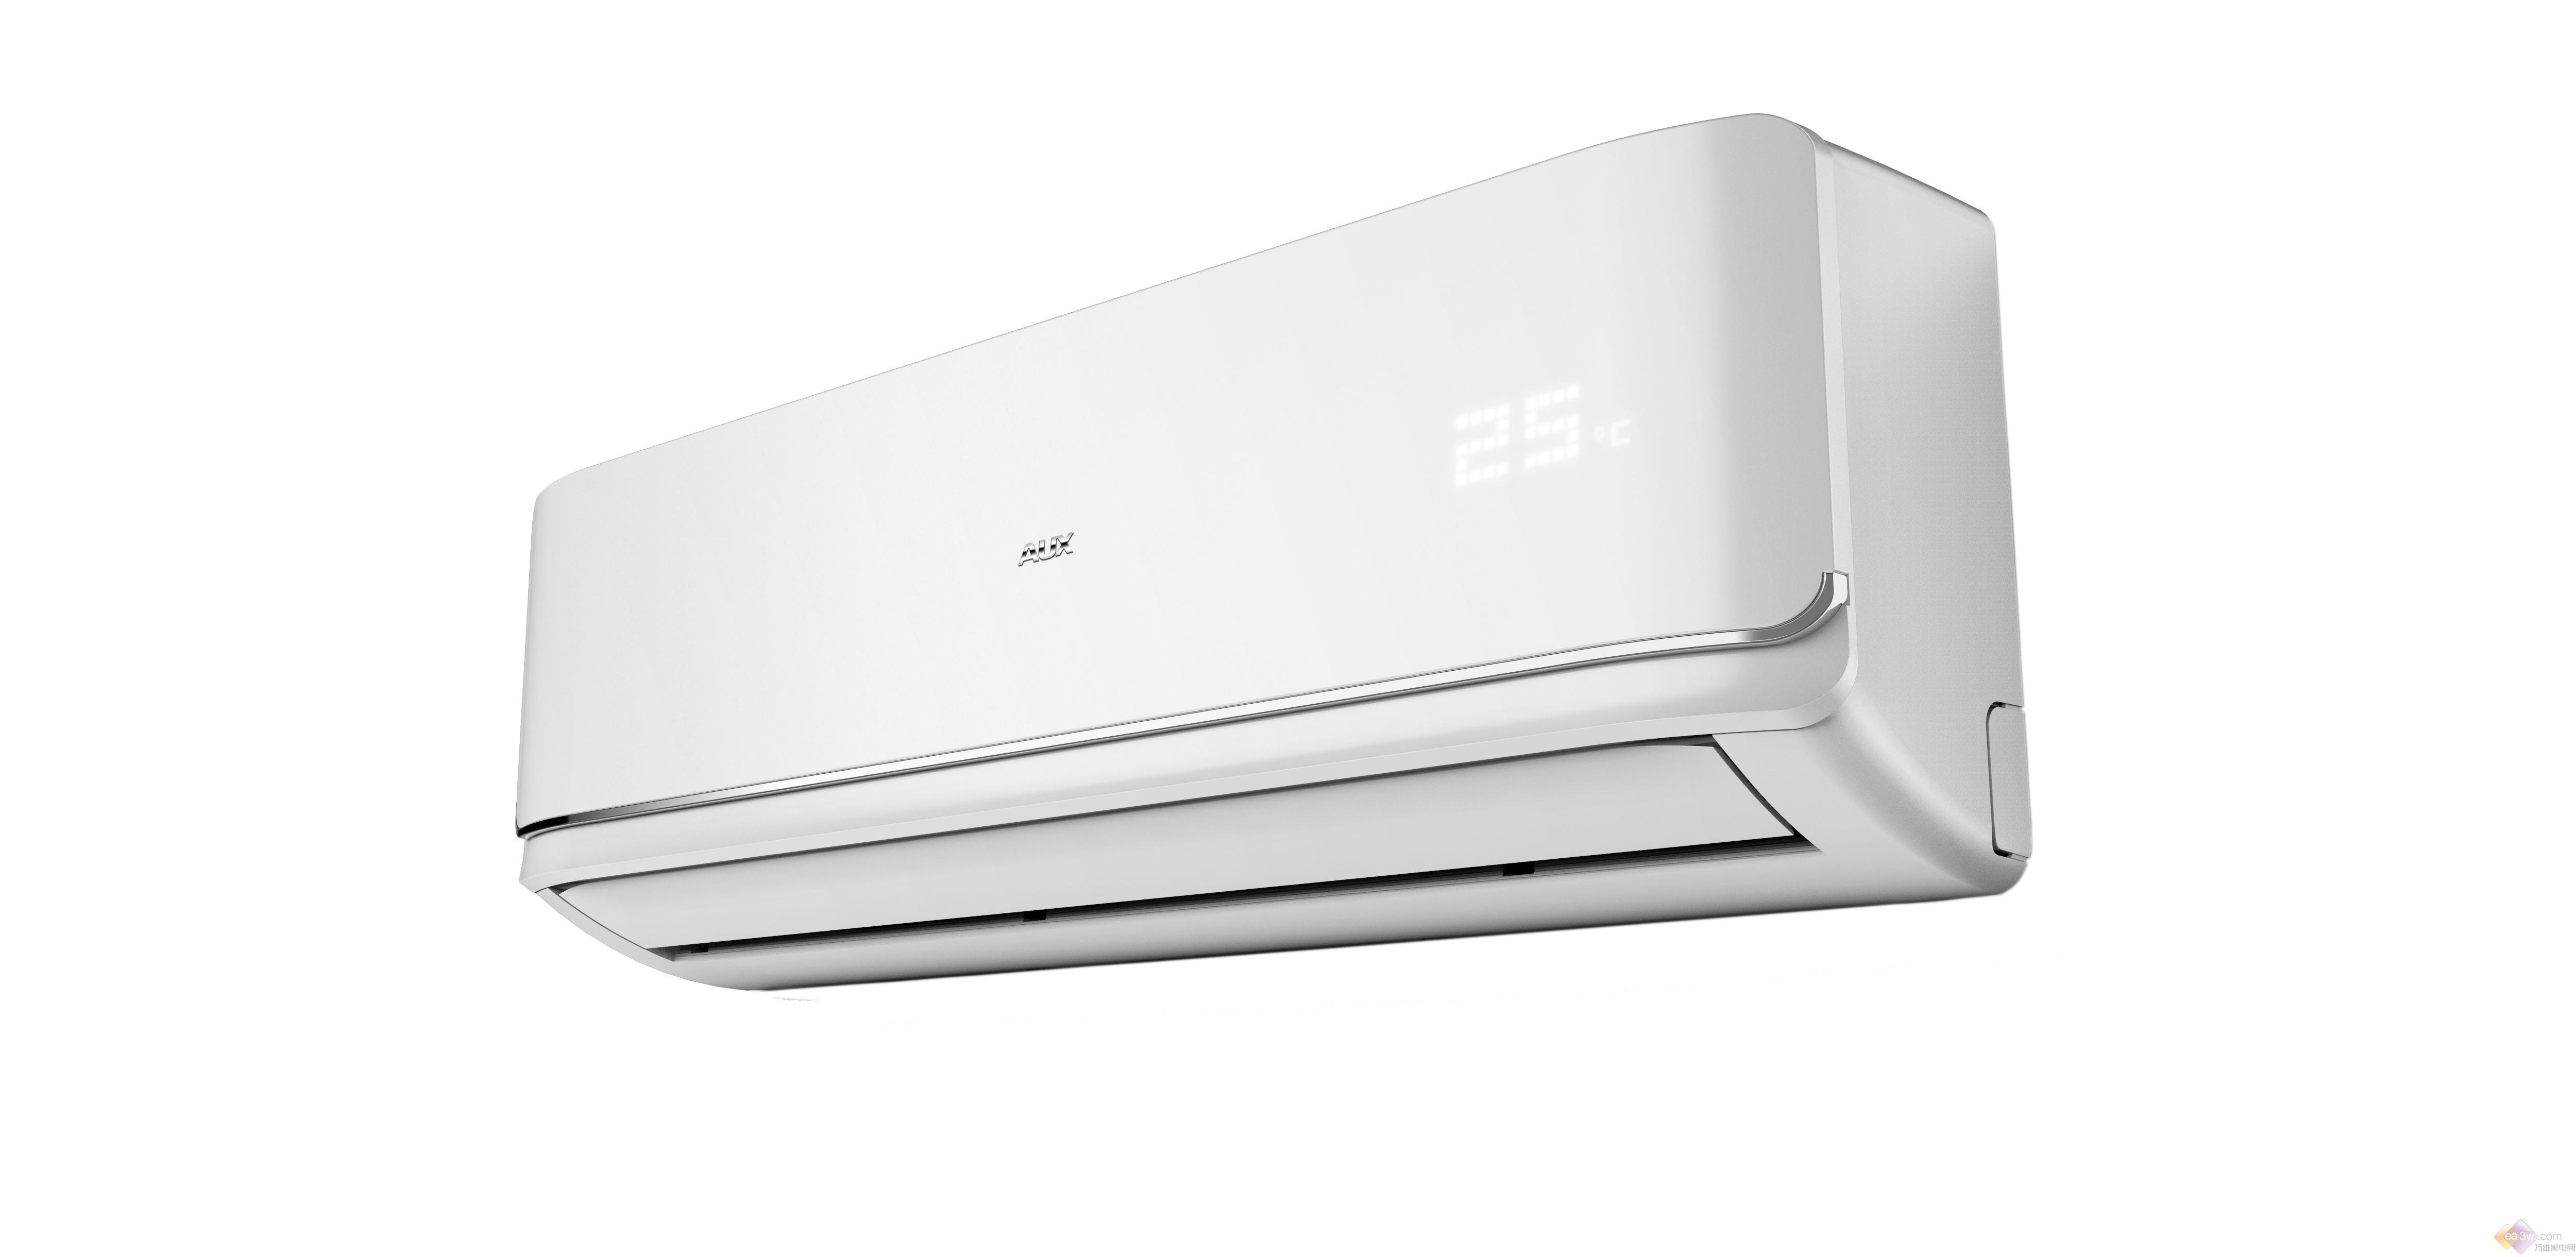 空调自动运行,室内环境温度的三维一体数据系统,不仅提高了空调的技术